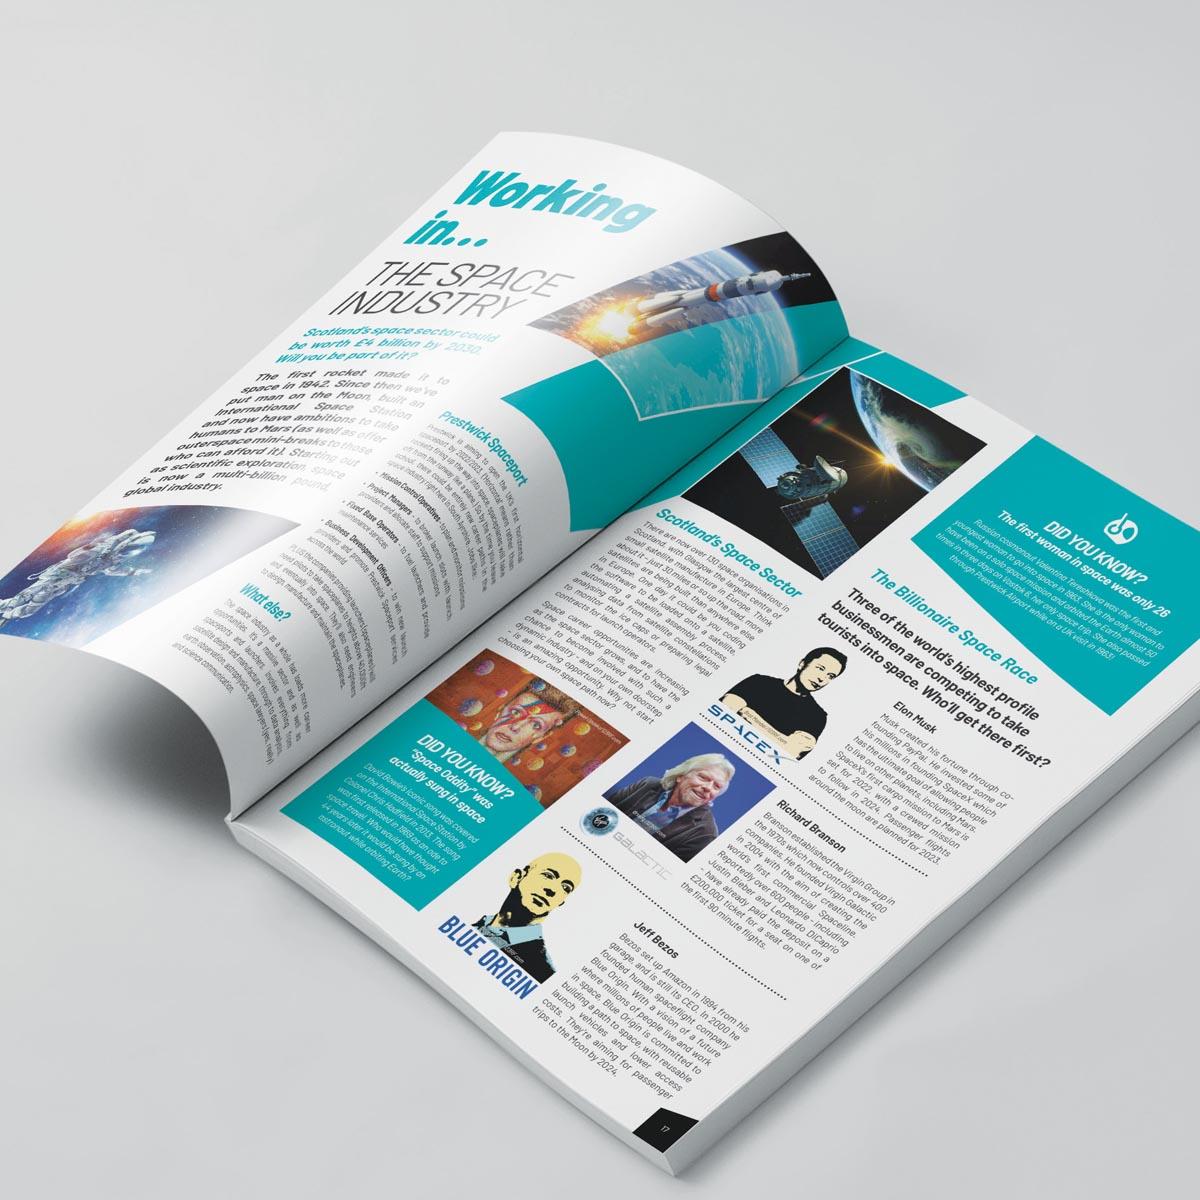 Skypath magazine